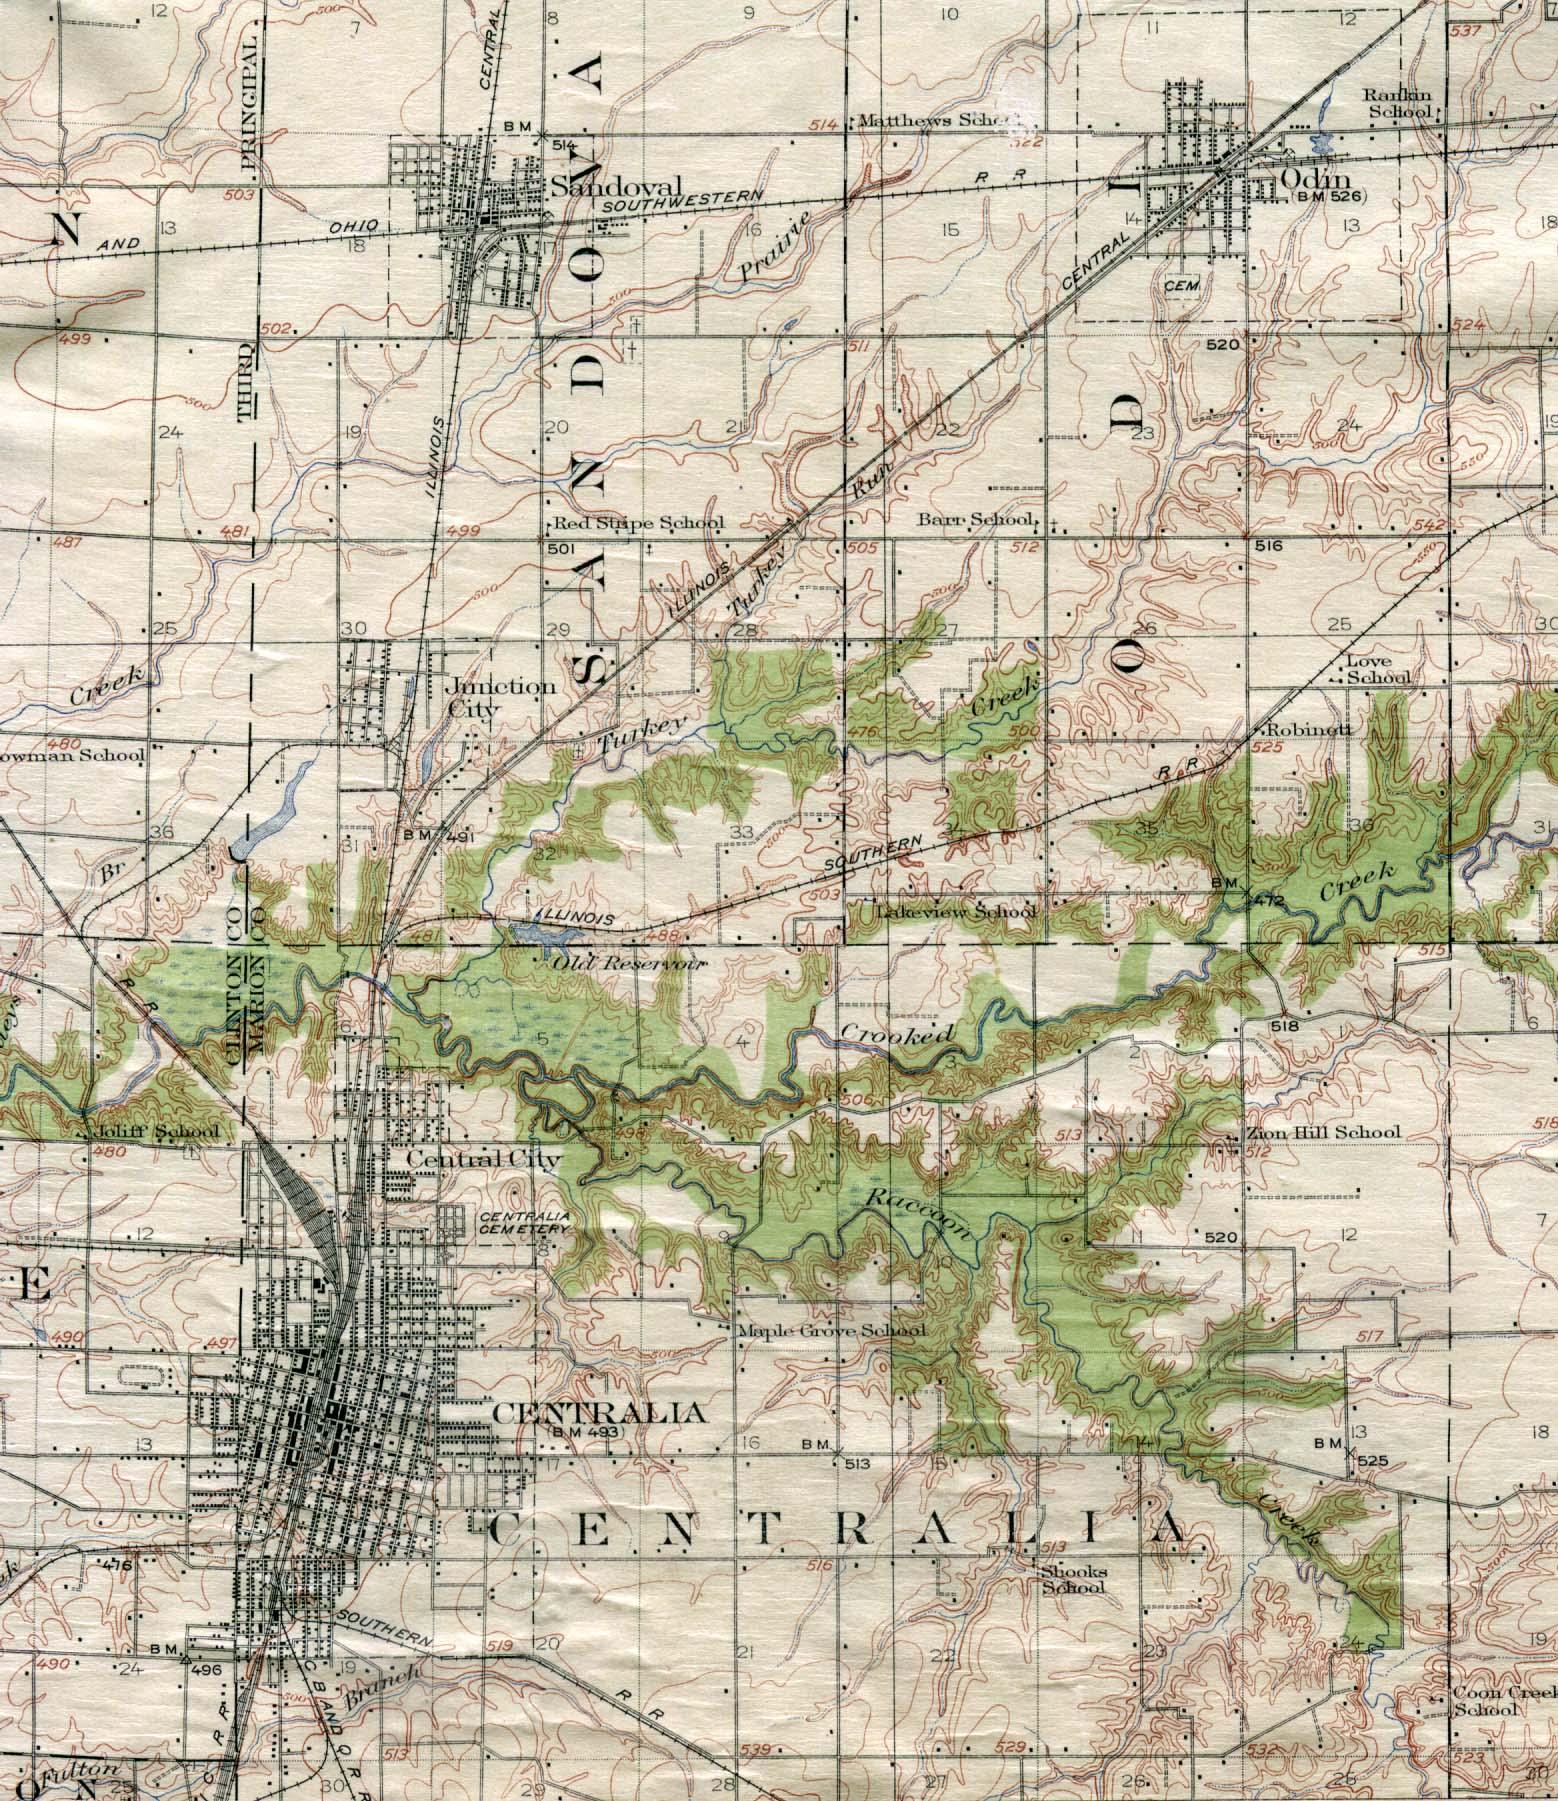 Mapa de la Ciudad de Centralia, Illinois, Estados Unidos 1914